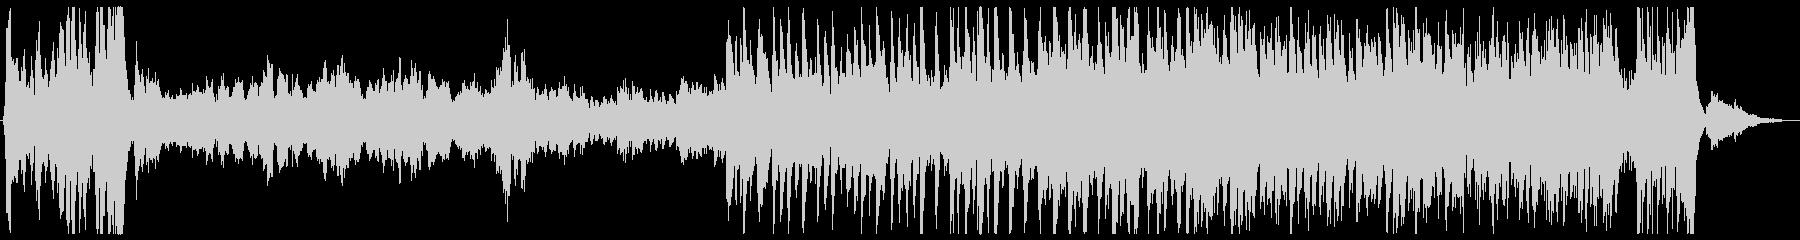 壮大なオーケストラ_ファンタジーの未再生の波形